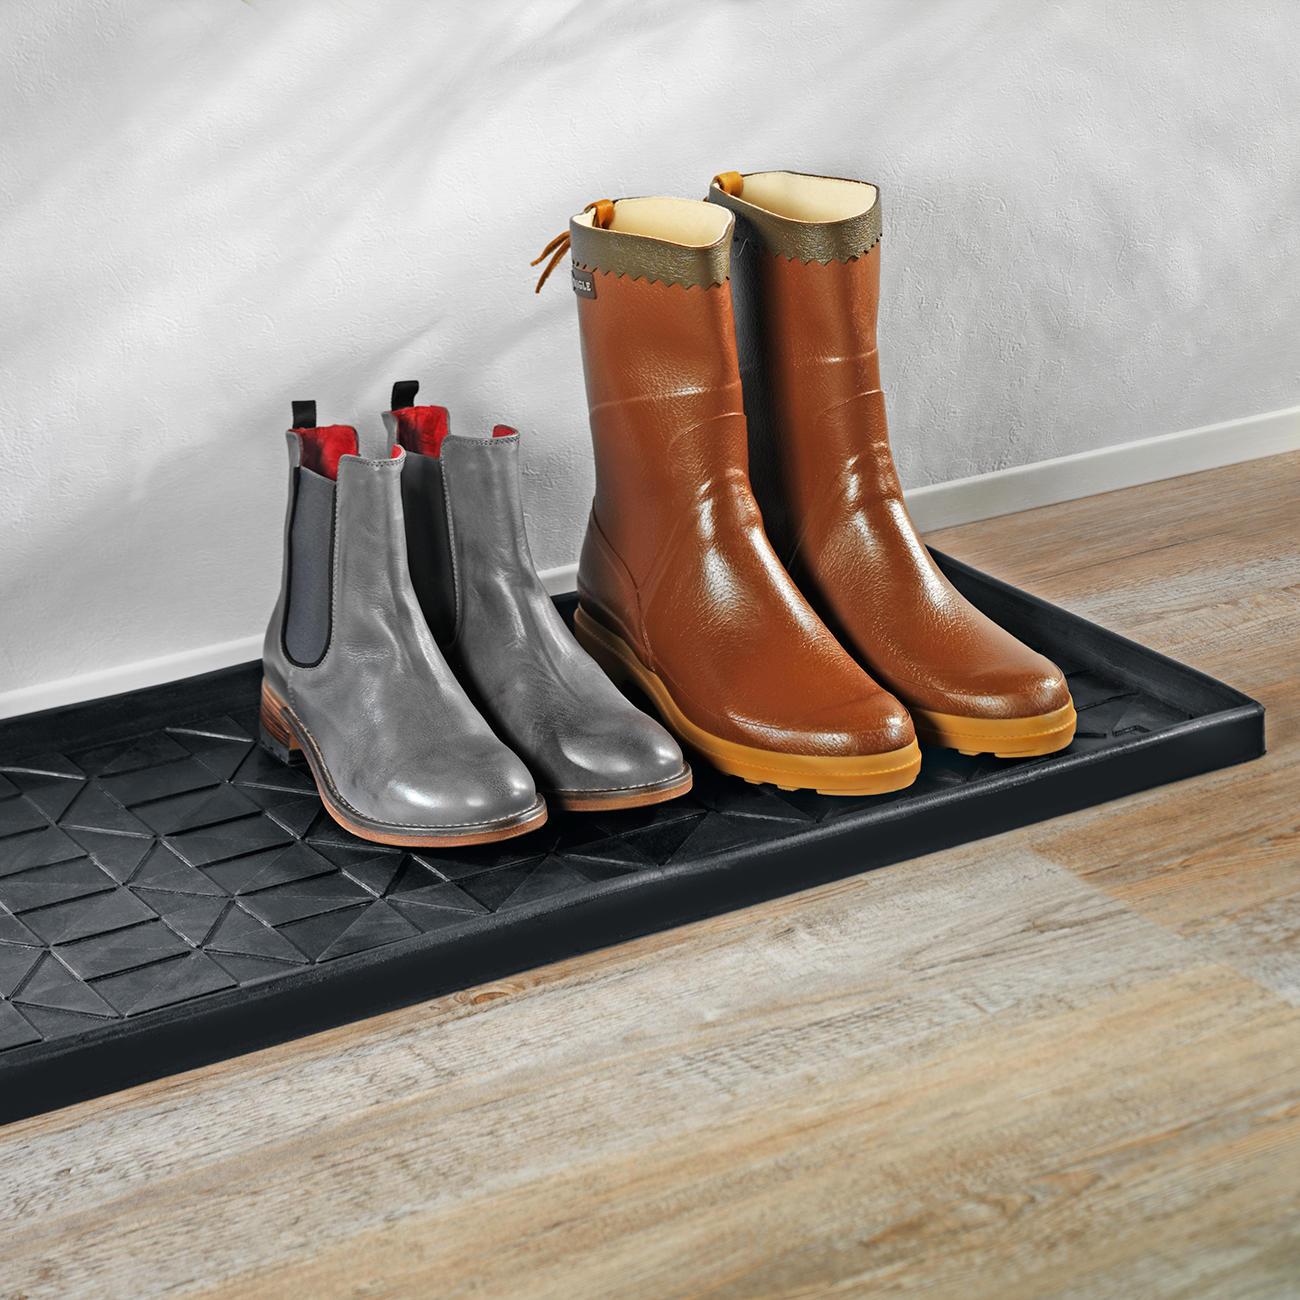 tica schuh und stiefel matte mit 3 jahren garantie. Black Bedroom Furniture Sets. Home Design Ideas